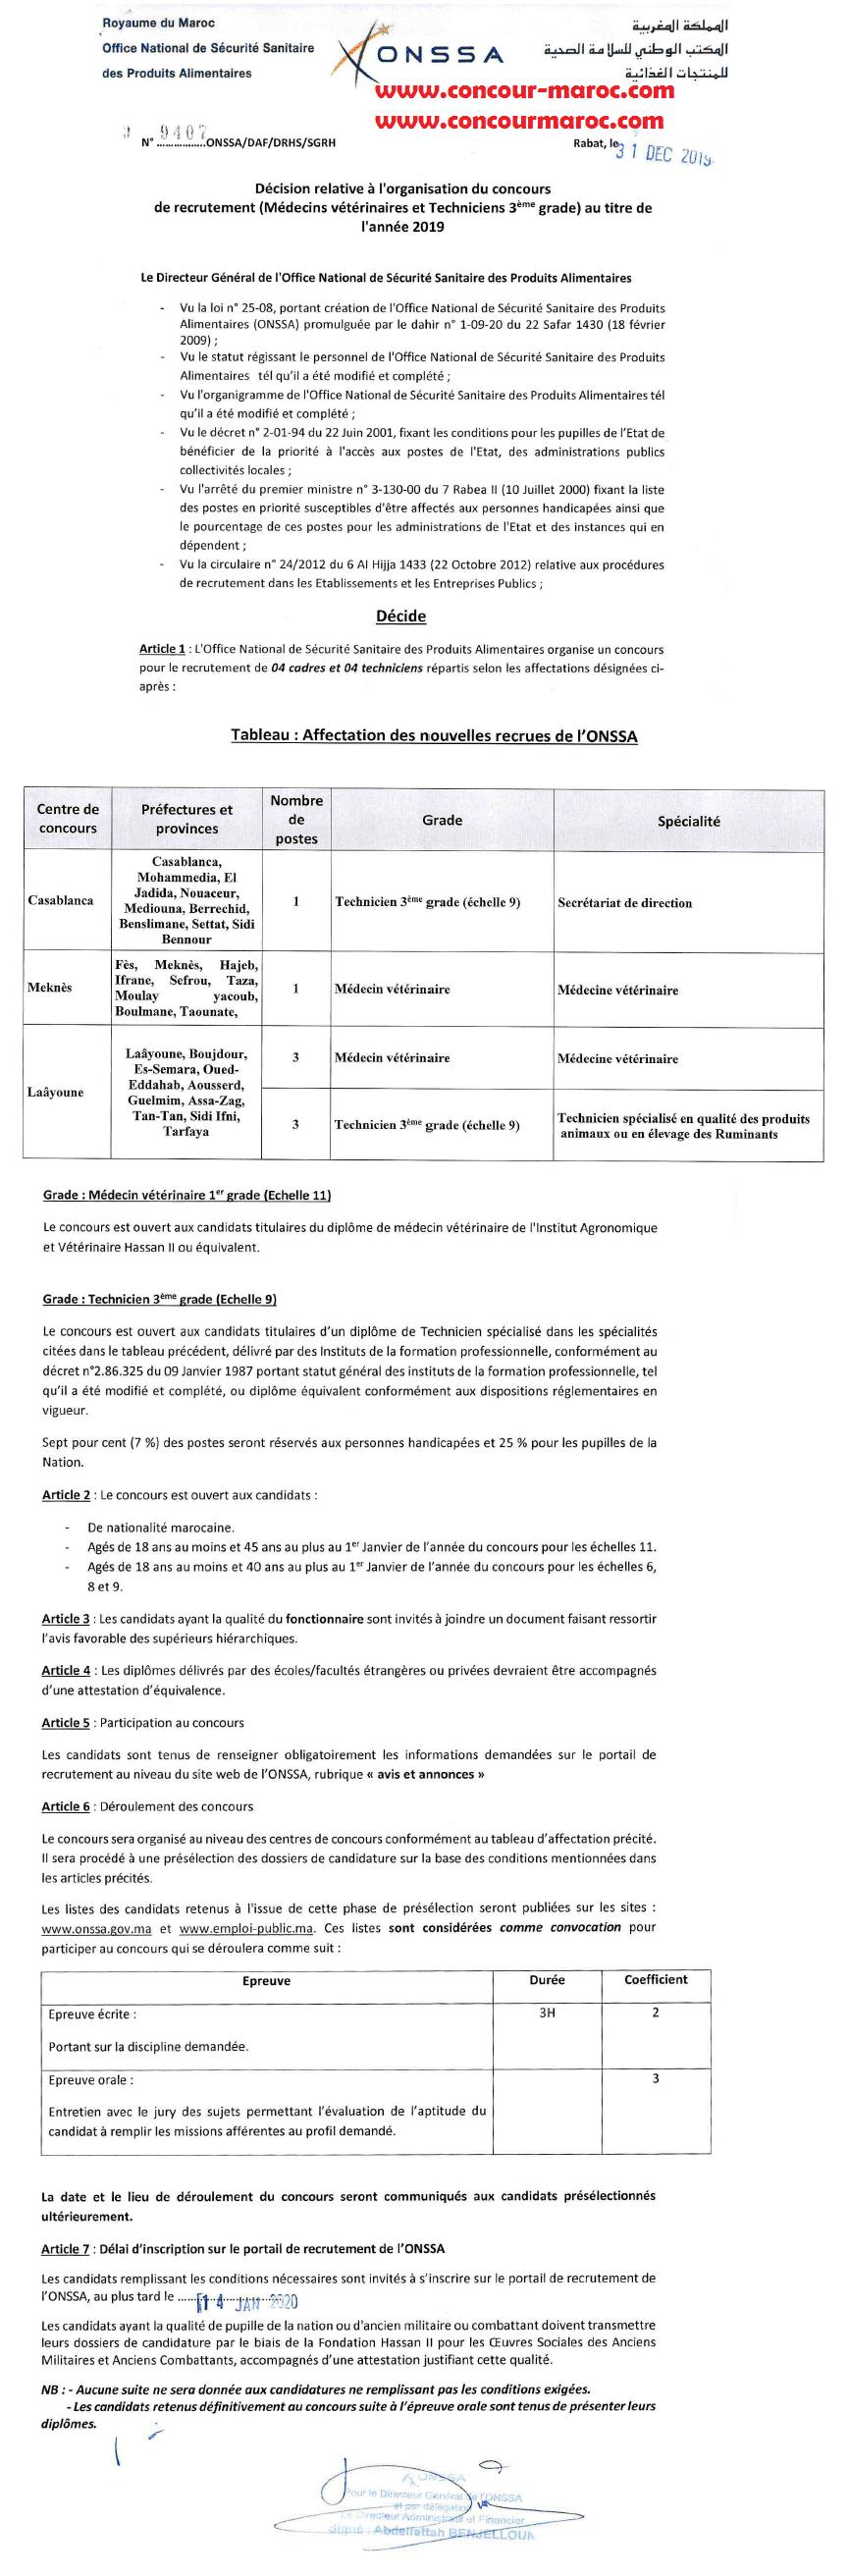 المكتب الوطني للسلامة الصحية للمنتجات الغذائية مباراة توظيف 08 مناصب آخر أجل لإيداع الترشيحات 14 يناير 2020 Onca_c10